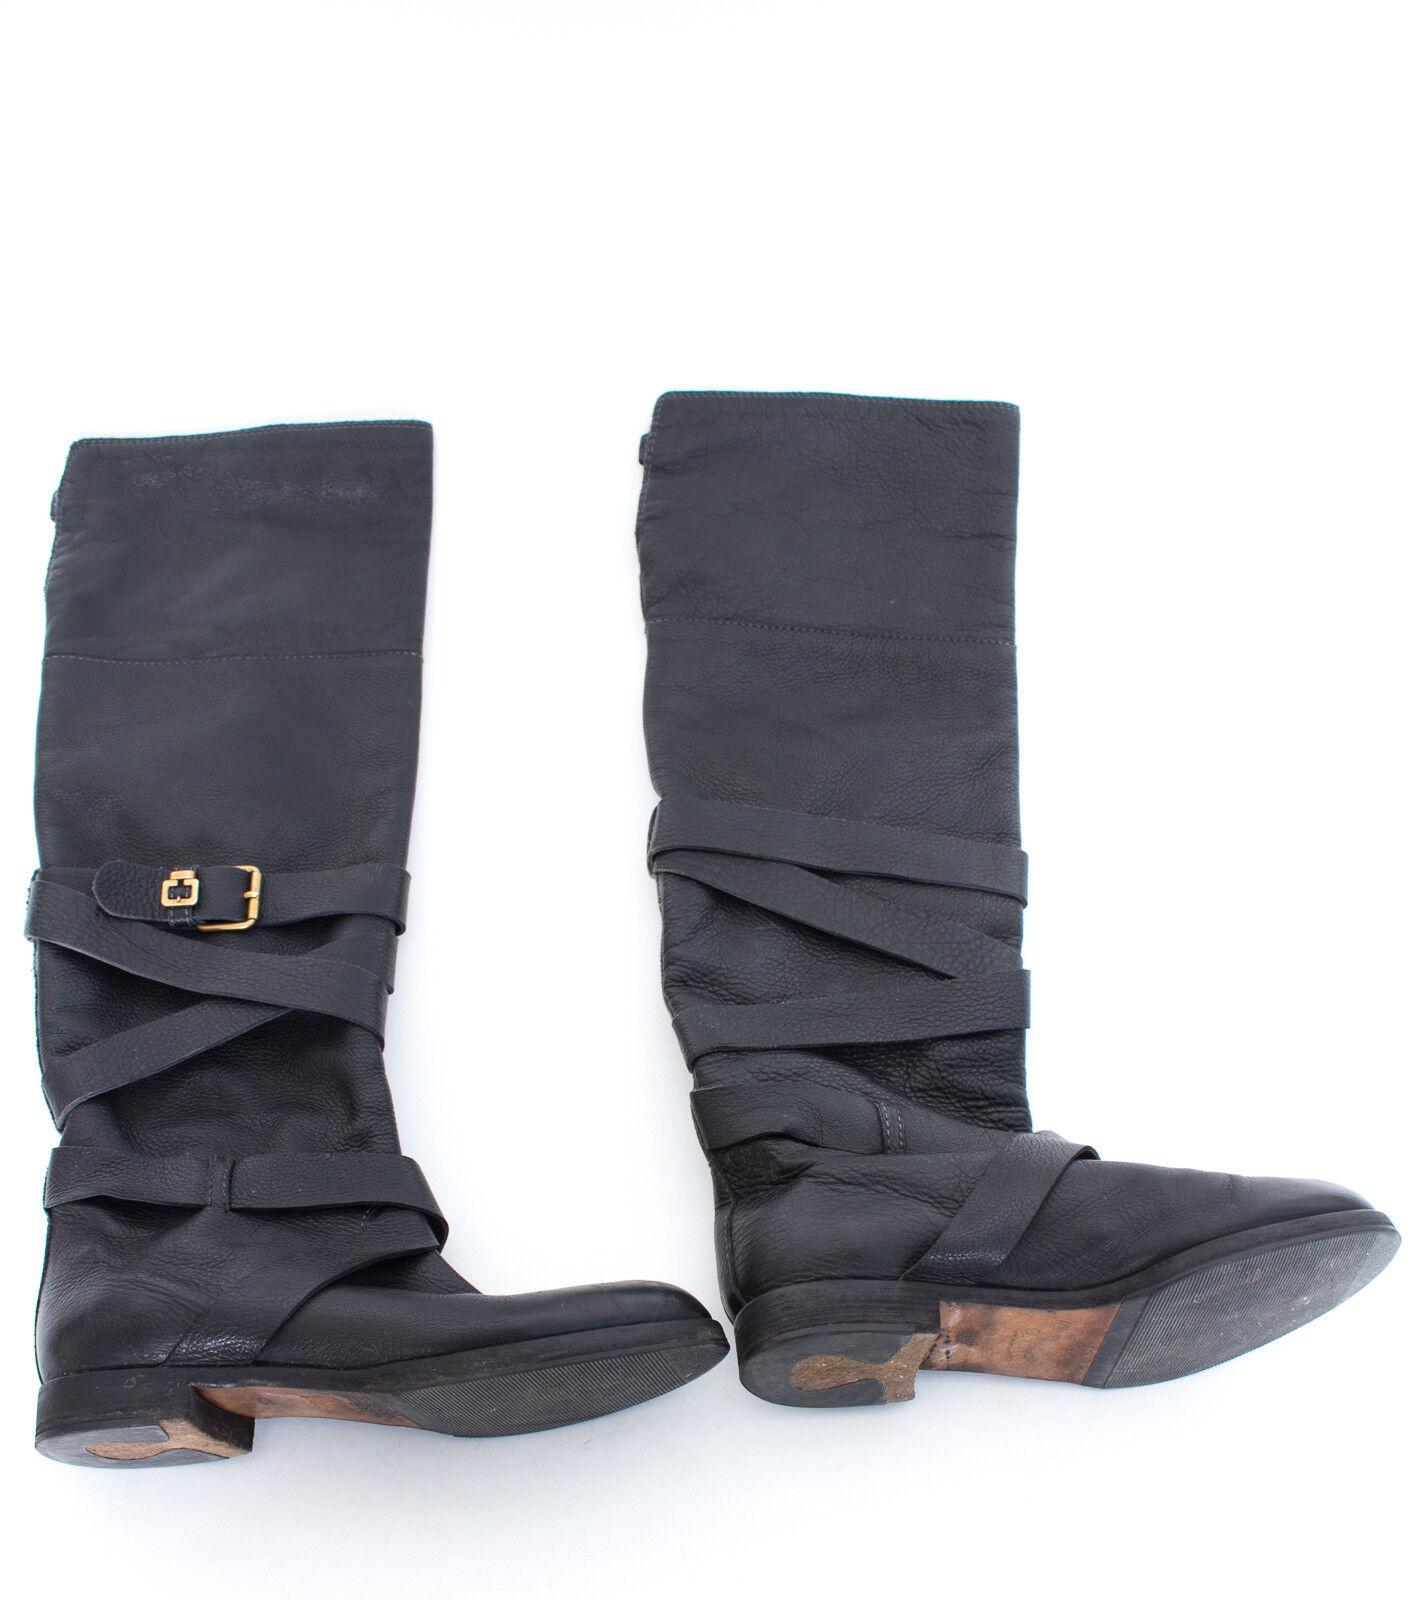 fbf47dc6634 Chloé botas con alto caña cuero negro 011402 - eventoselocho.es